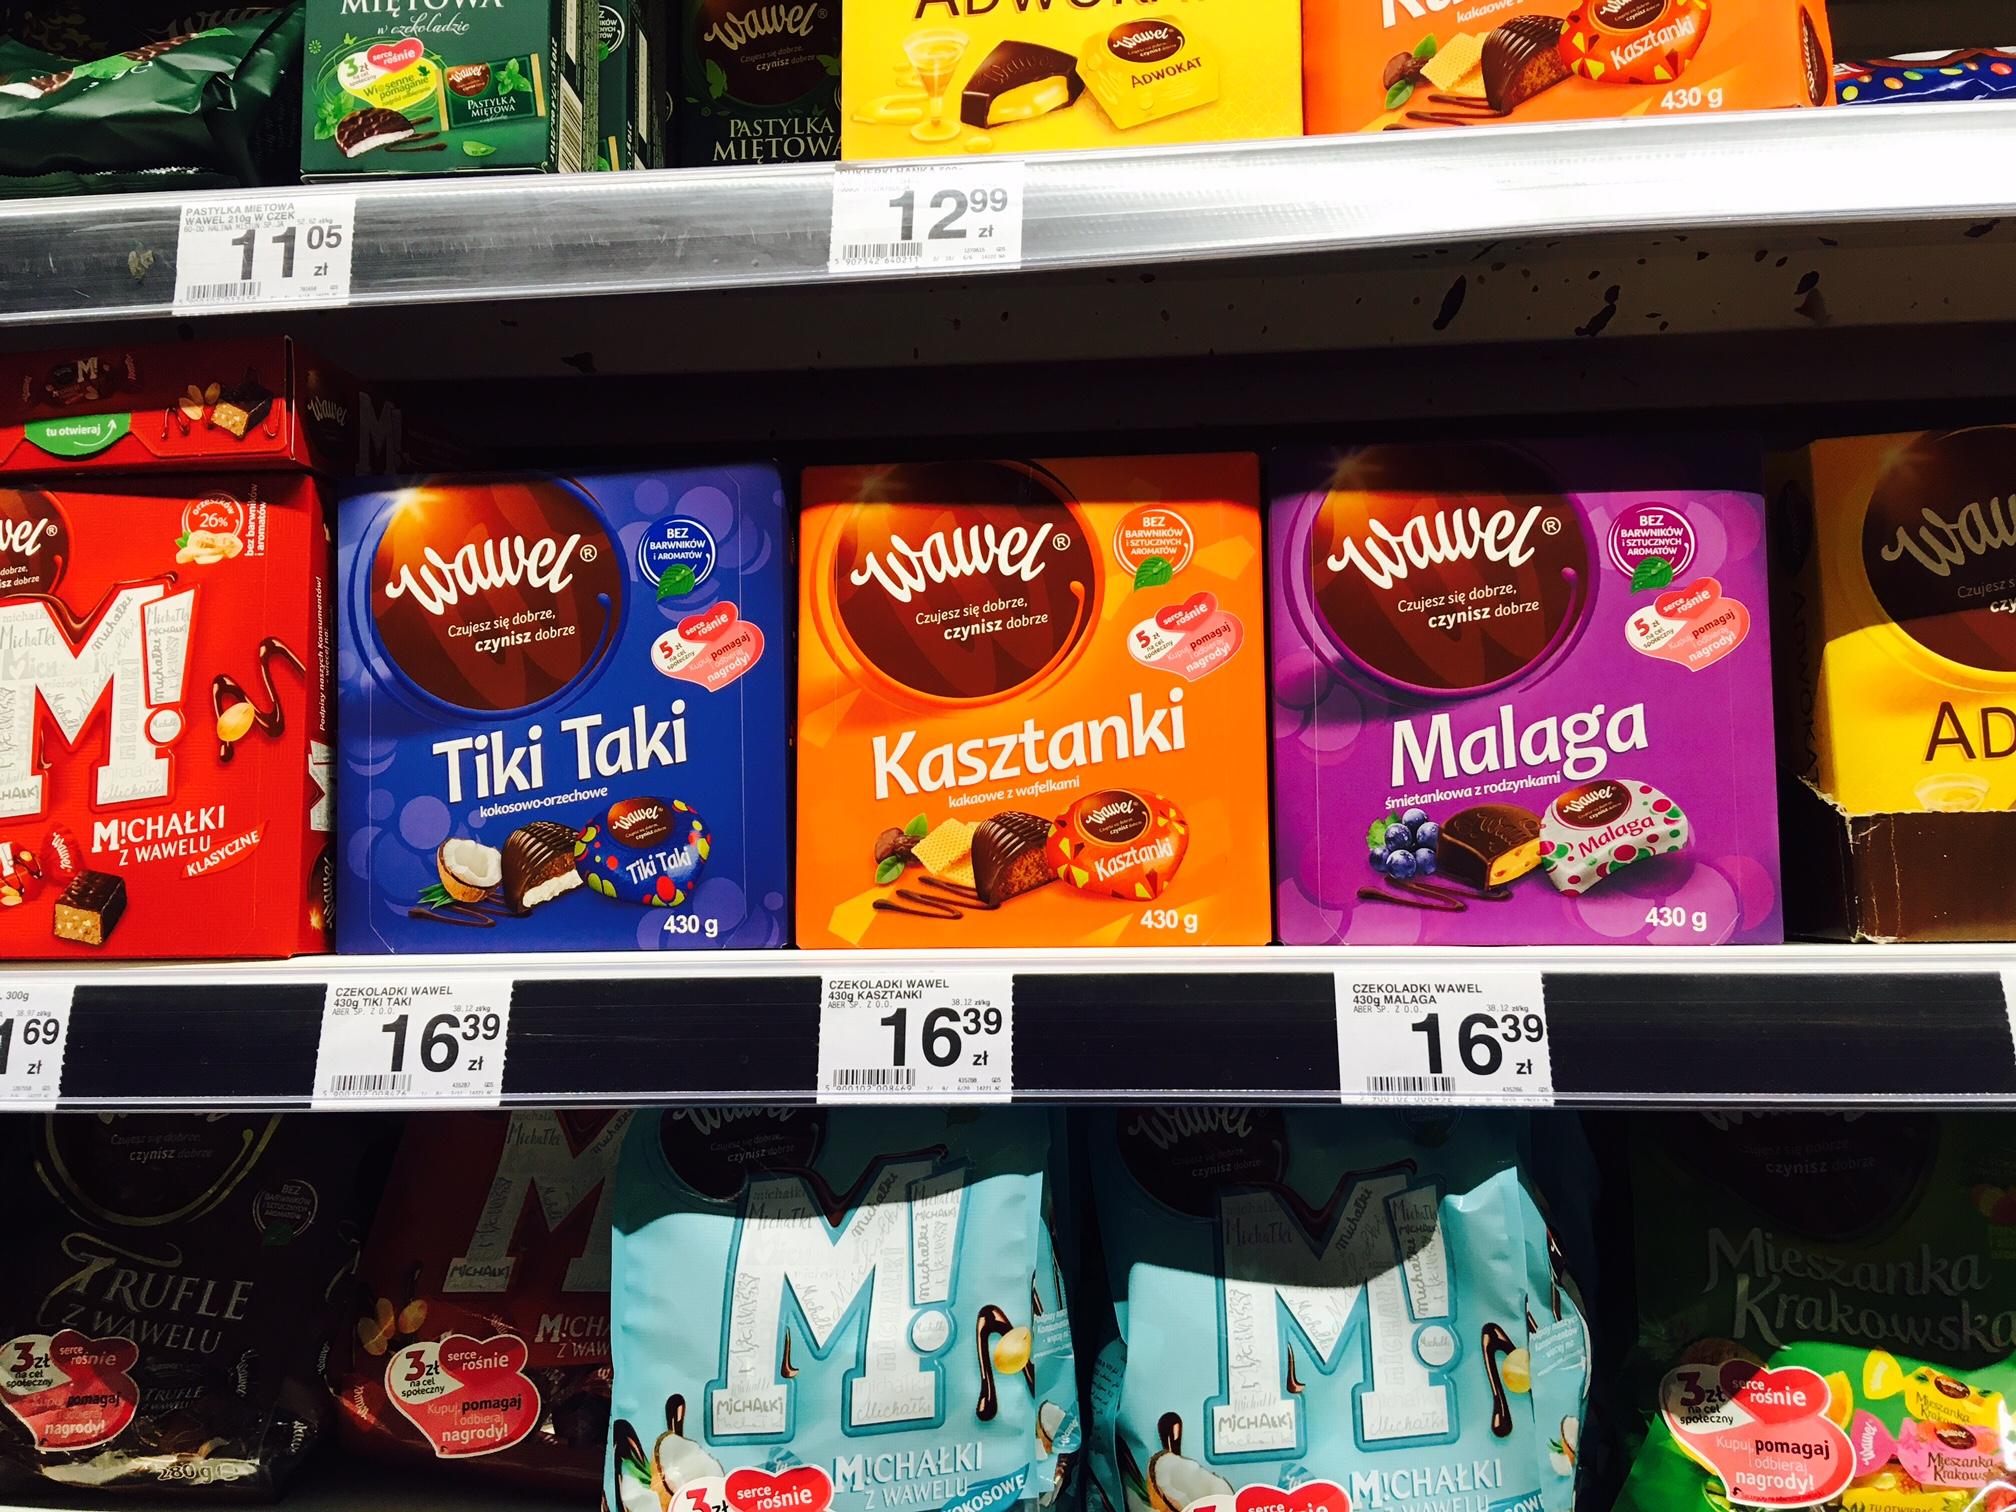 ポーランドのスーパーマーケットで買えるおすすめチョコレート